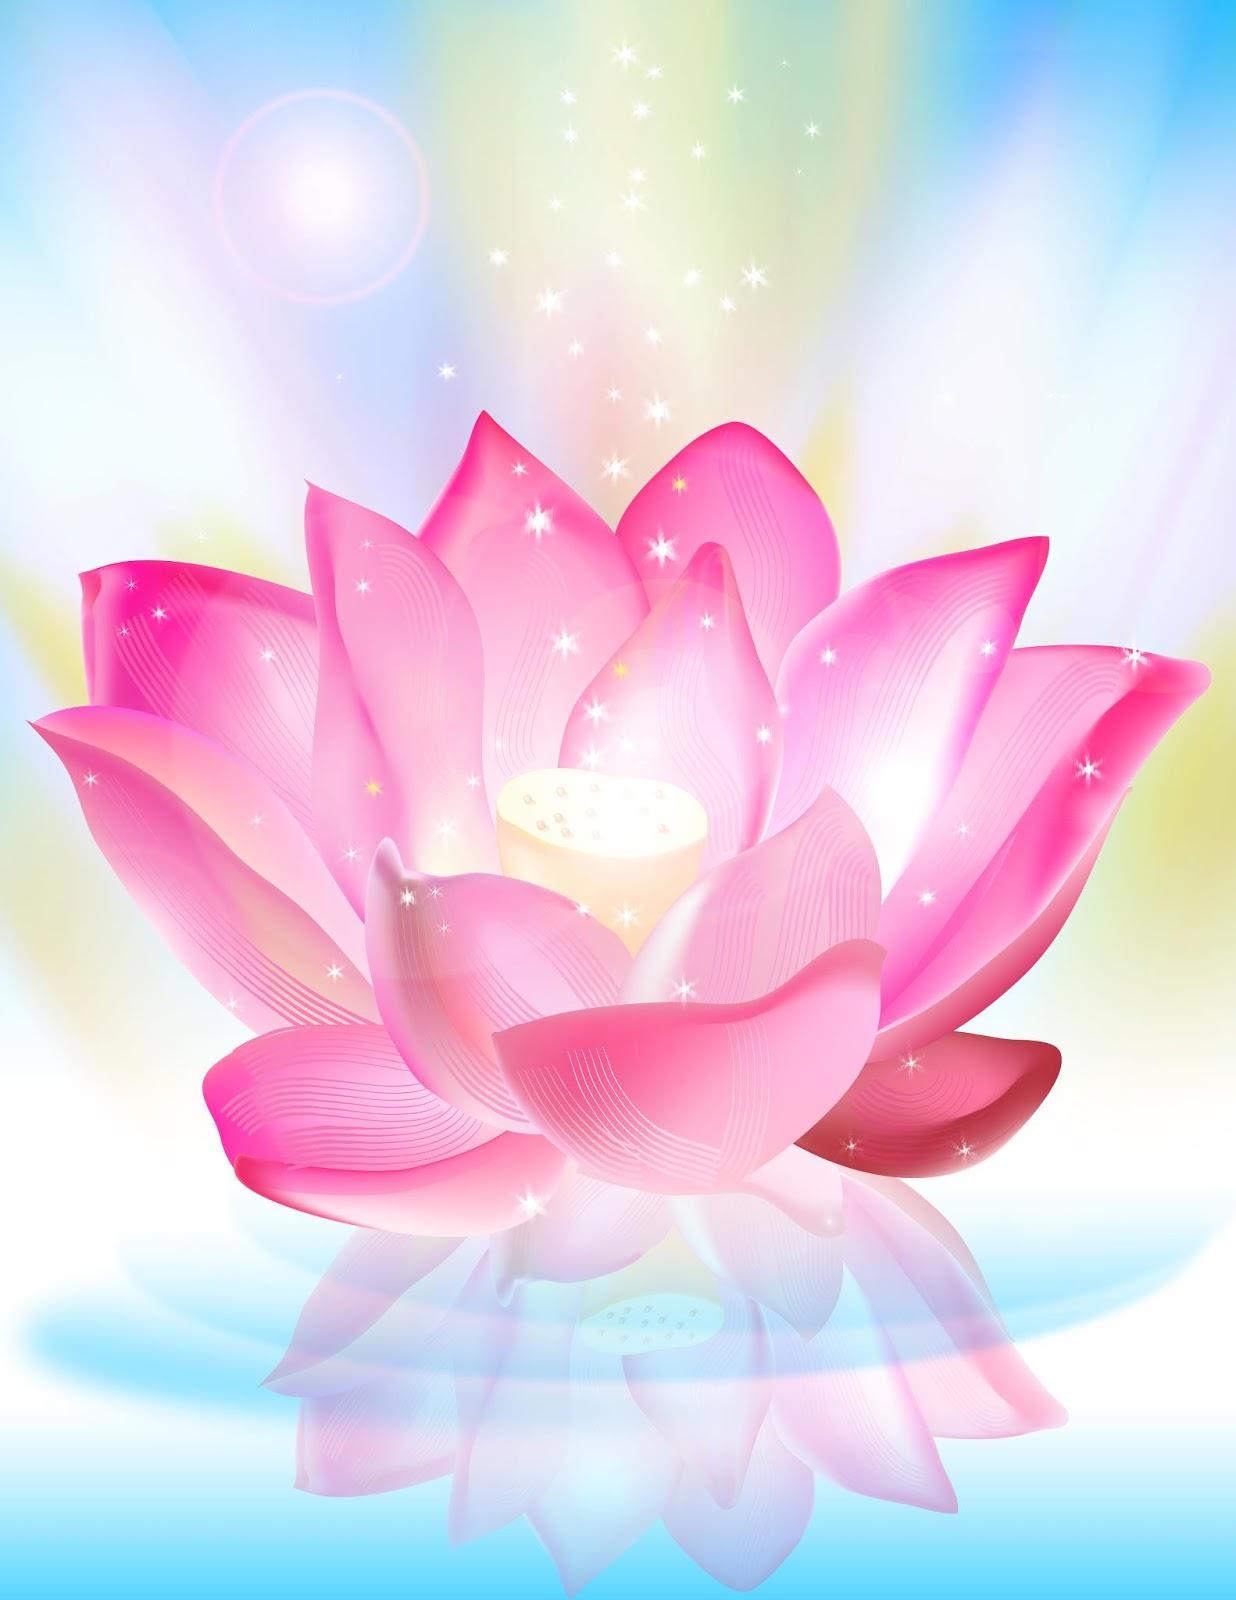 平安、快樂、滿足就是幸福~~~新春團拜 師父提到,平安、快樂、滿足就是幸福。忽然讓我想起~修行前的自己,看似簡單的幸福,確不容易擁有,以前的自己,總會用物質來滿足假象的抉樂,以別人的認同來滿足內心的空虛,但這樣的快樂、滿足總是短暫,曾經想過為何如此!但不得其解。7年前開始踏上修行的道路上,開始明白,原來一切都是執著絆住了自己,原來快樂…不是要擁有很多,而是放下後的滿足讓我快樂滿滿,這樣的心情若不是踏上修行道路,是難以明白。非常開心~禪修為我打開新幸福,感恩 師父 傳承的印心佛法讓我在生活中受用。非常希望我的親友們,都能擁有新幸福。感恩Ivy Chu的分享